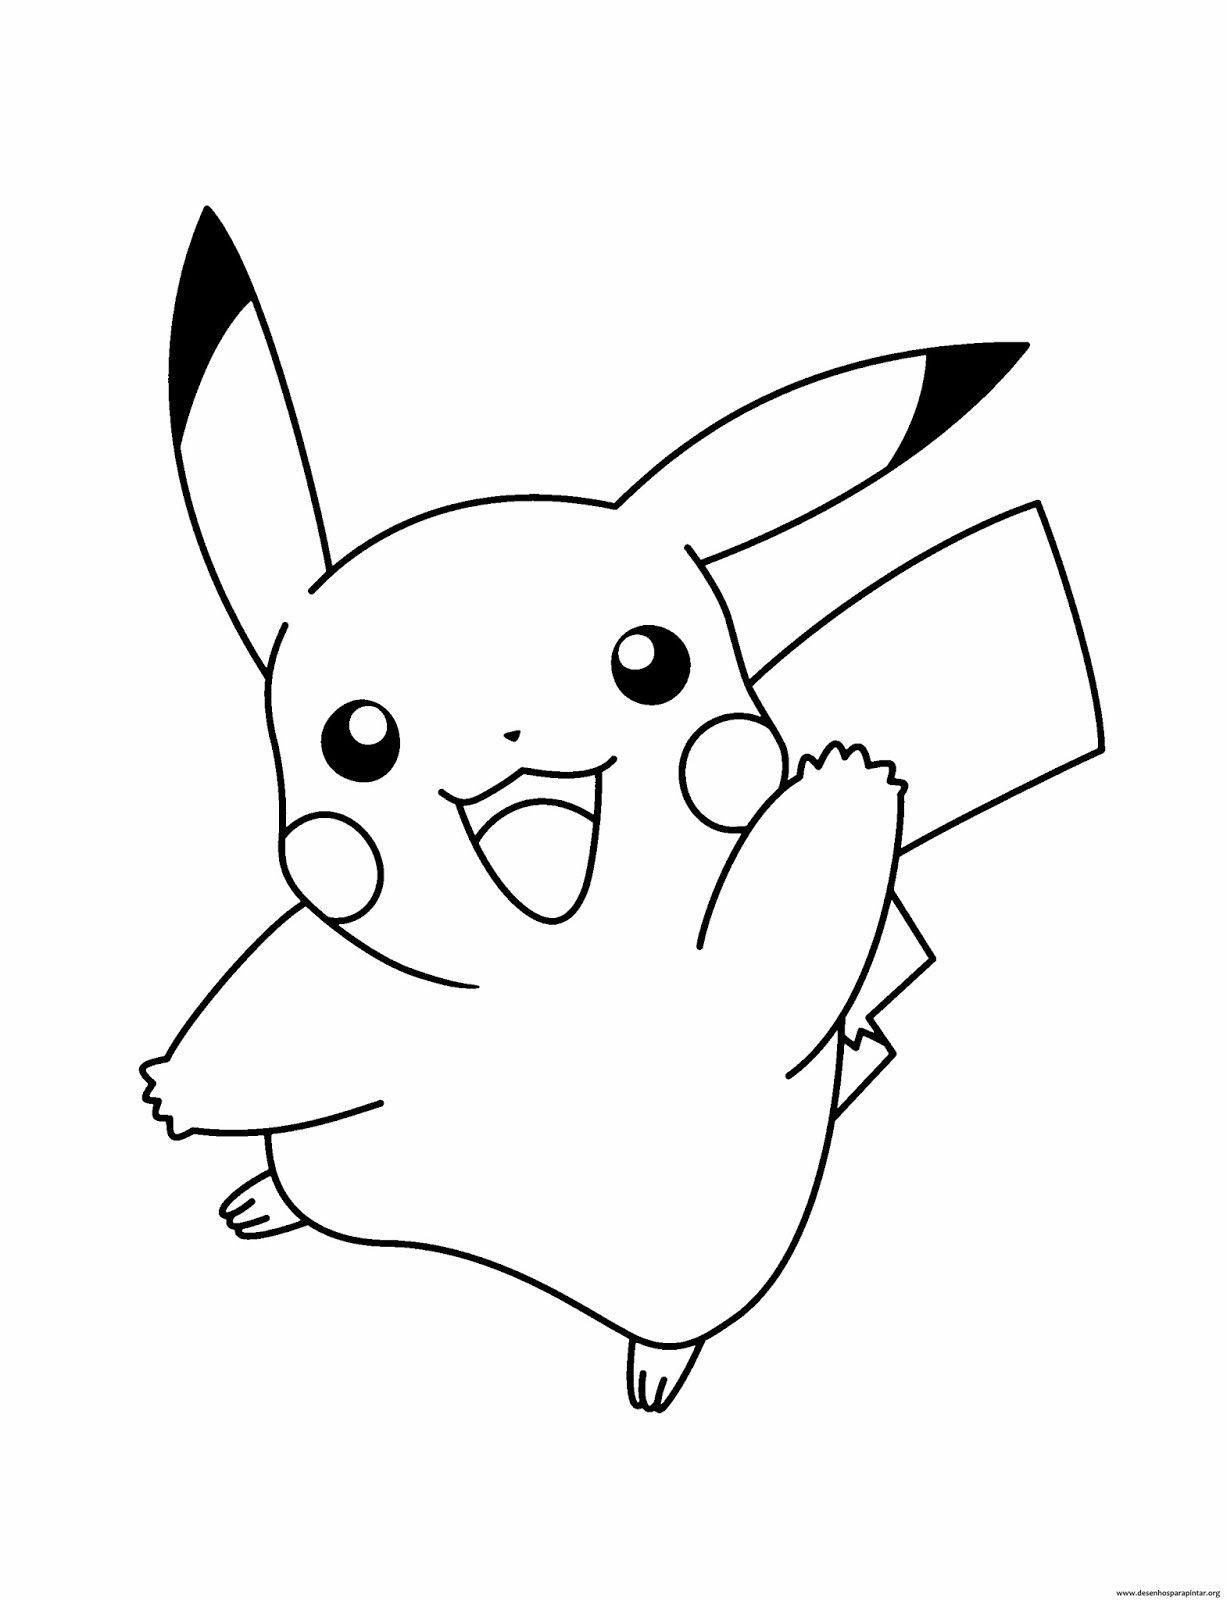 55 Das Beste Von Ausmalbilder Pokemon Solgaleo Und Lunala Stock Ausmalbilder Pikachu Zeichnung Pokemon Ausmalbilder